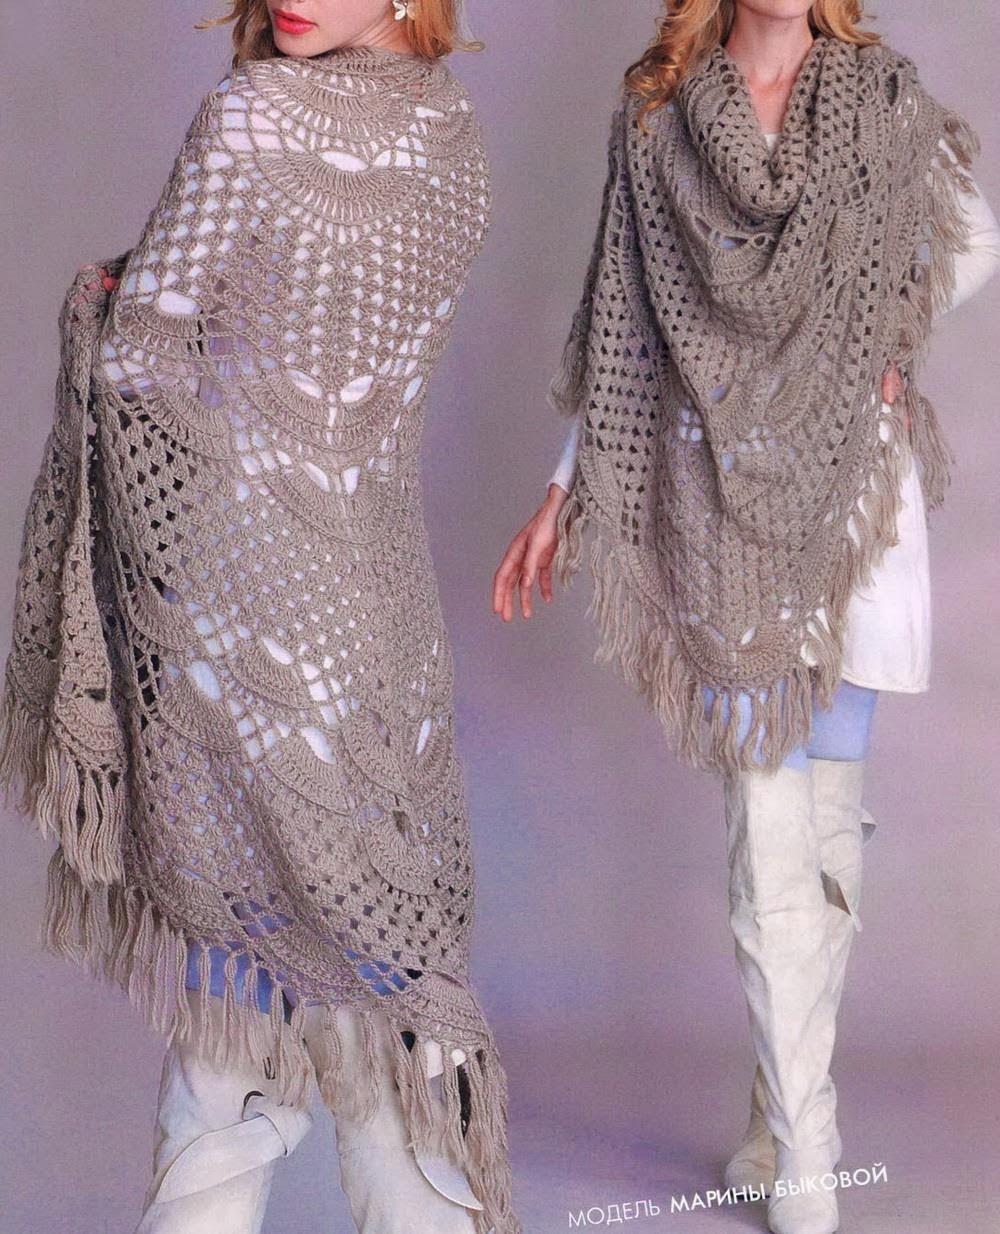 TRICO y CROCHET-madona-mía: Chal a crochet con patrón,